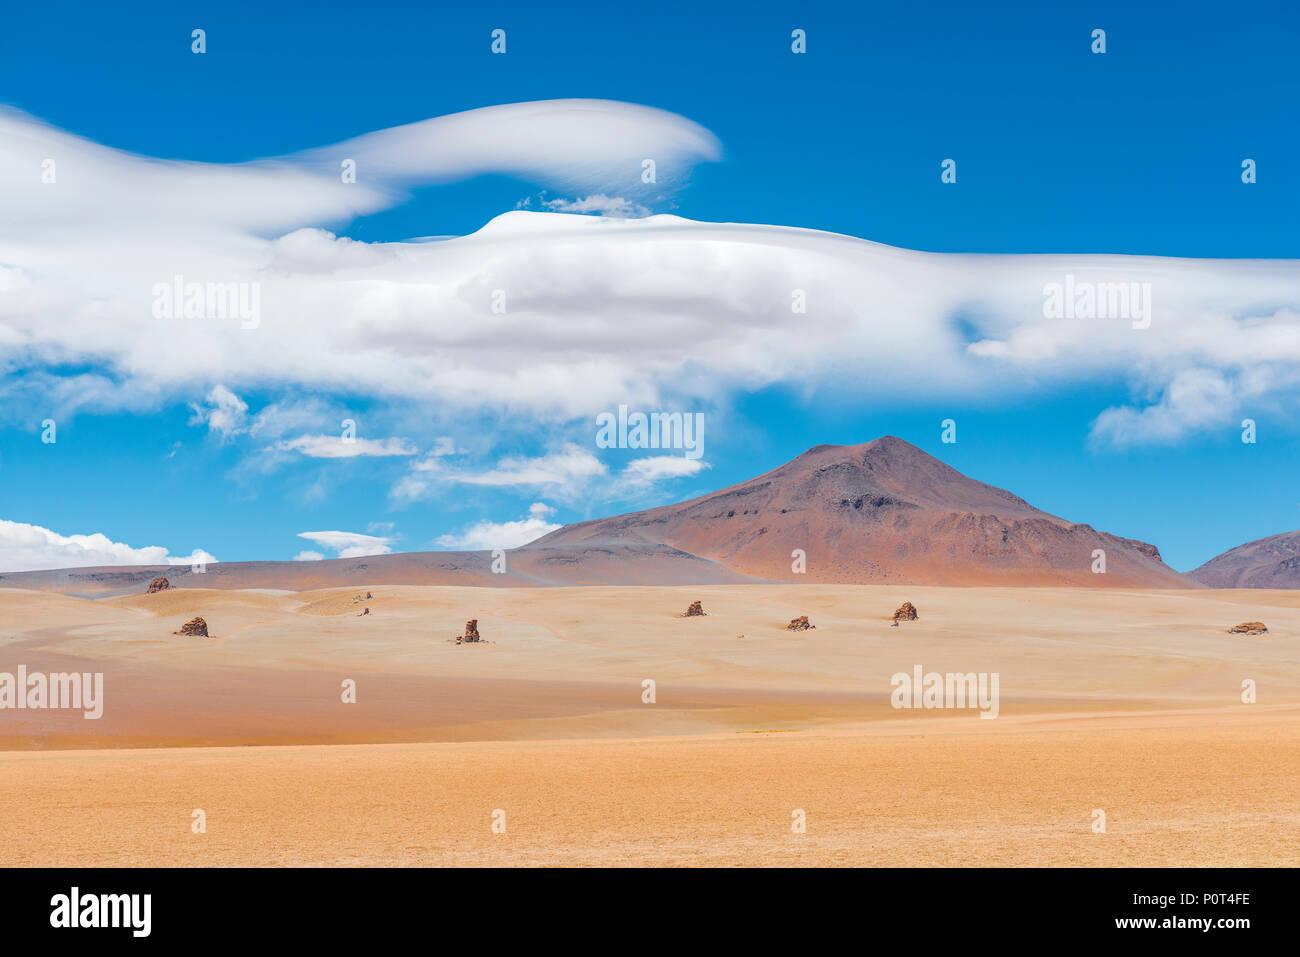 El magnífico desierto cerca de Dali el Salar de Uyuni (Salar de Uyuni) con formaciones rocosas que podrían haber sido dibujadas por el maestro mismo, Bolivia. Imagen De Stock